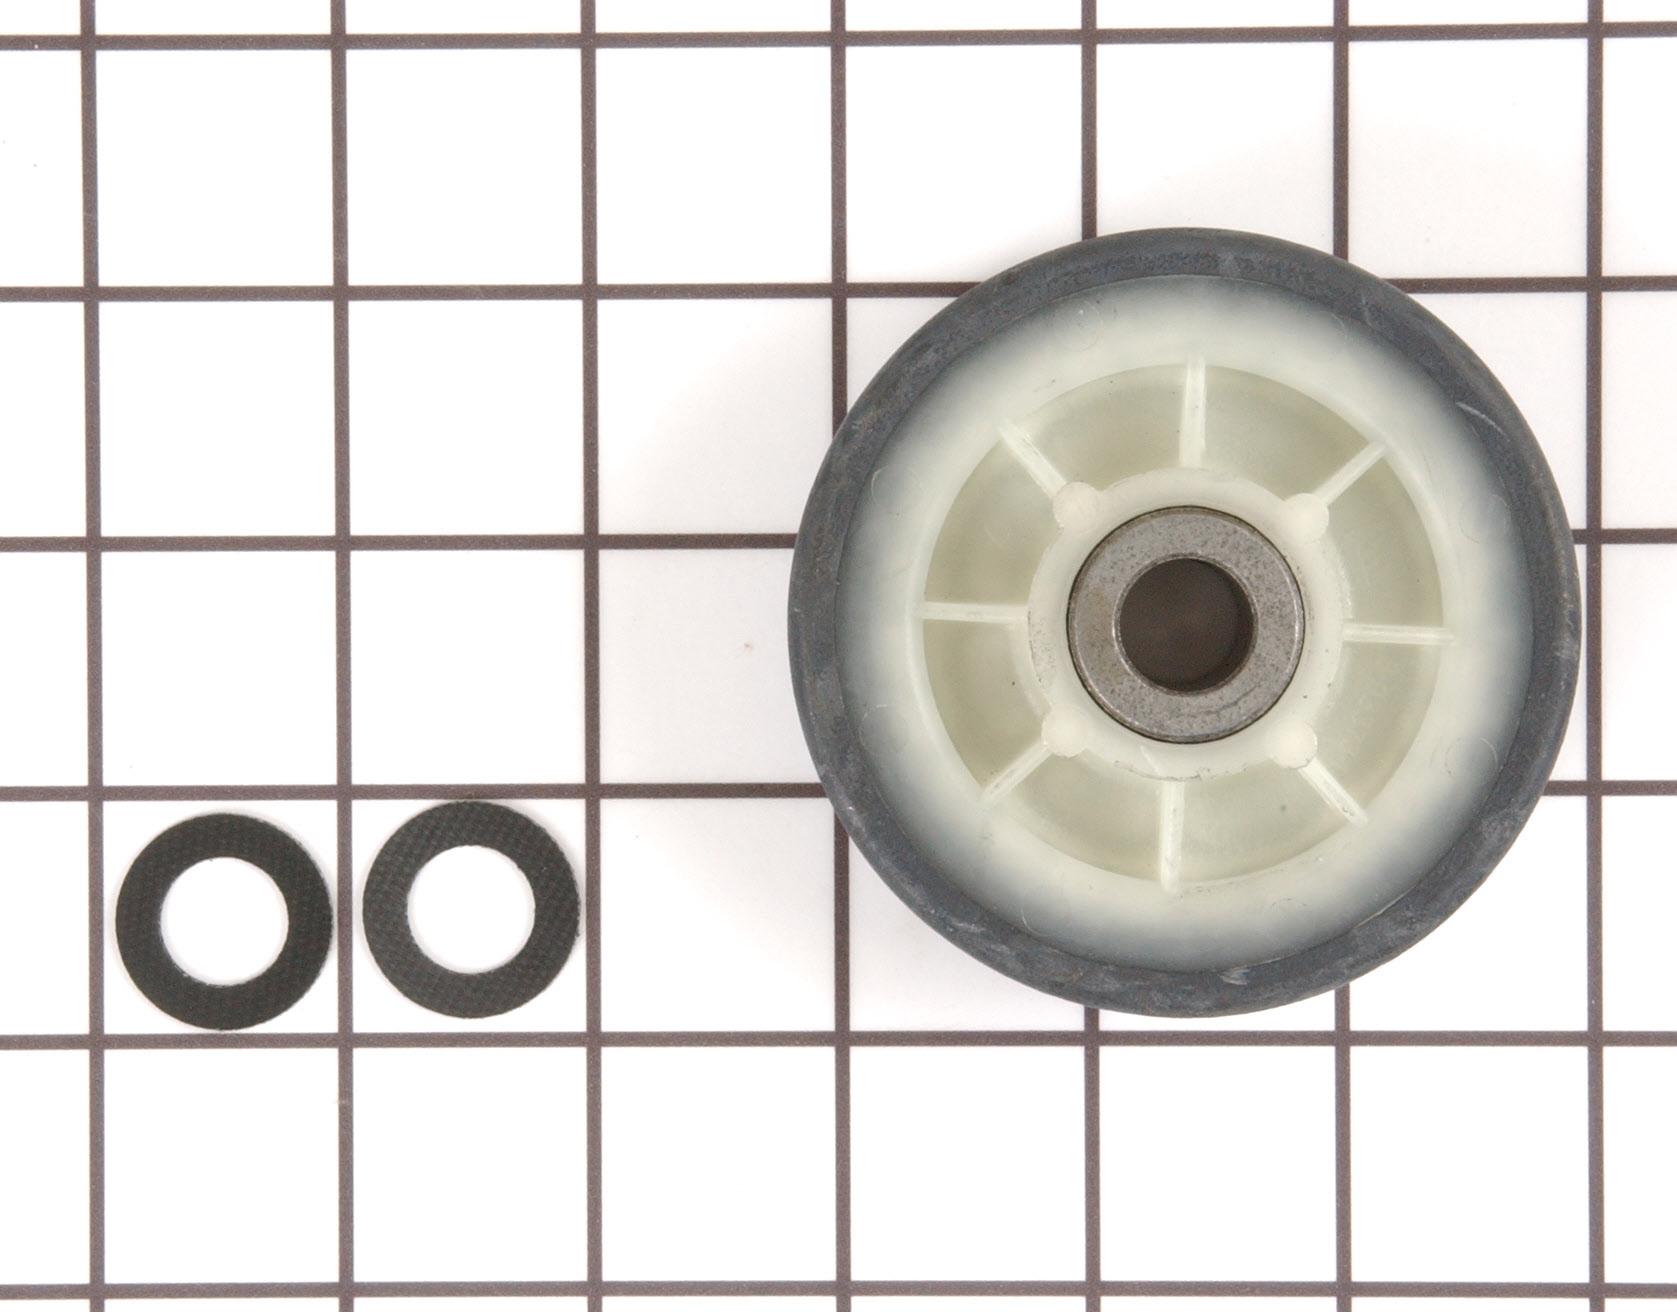 12001541 Crosley Dryer Part -Drum Roller